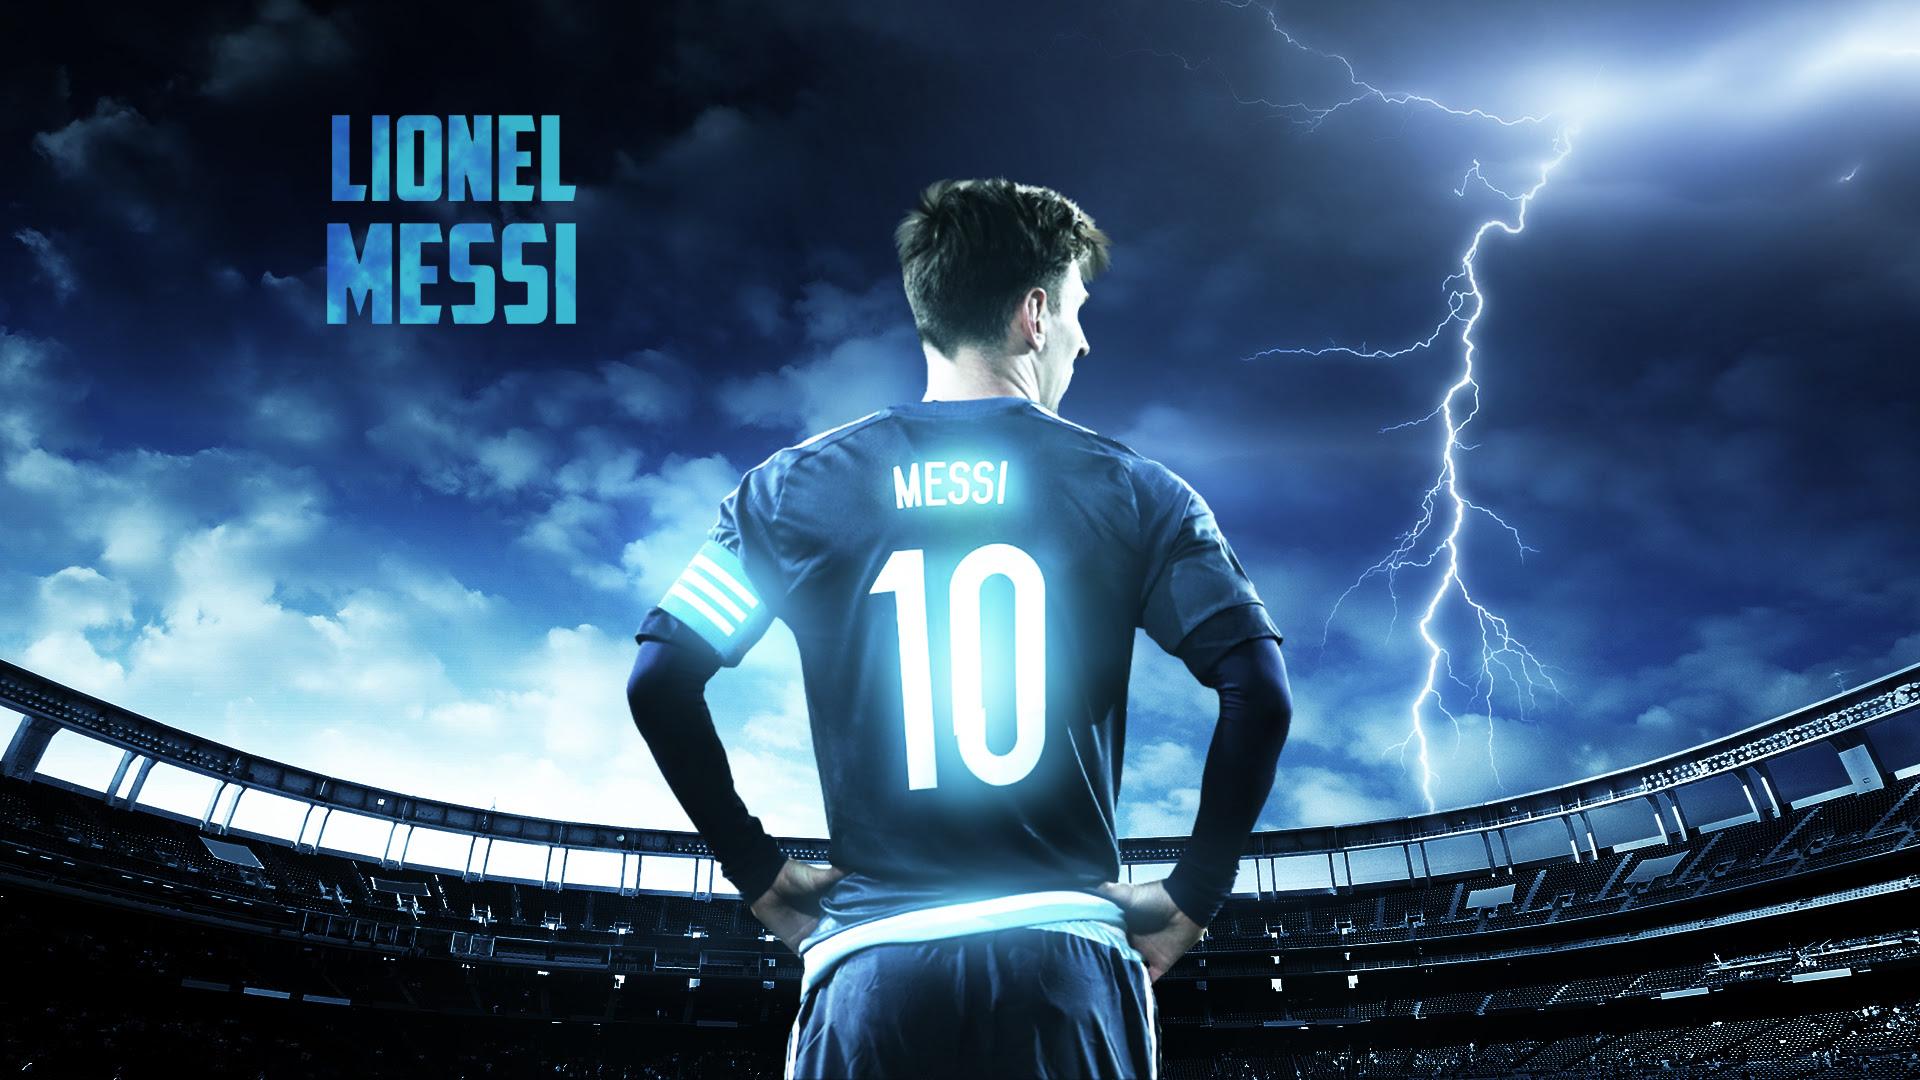 Messi Desktop Background  PixelsTalk.Net